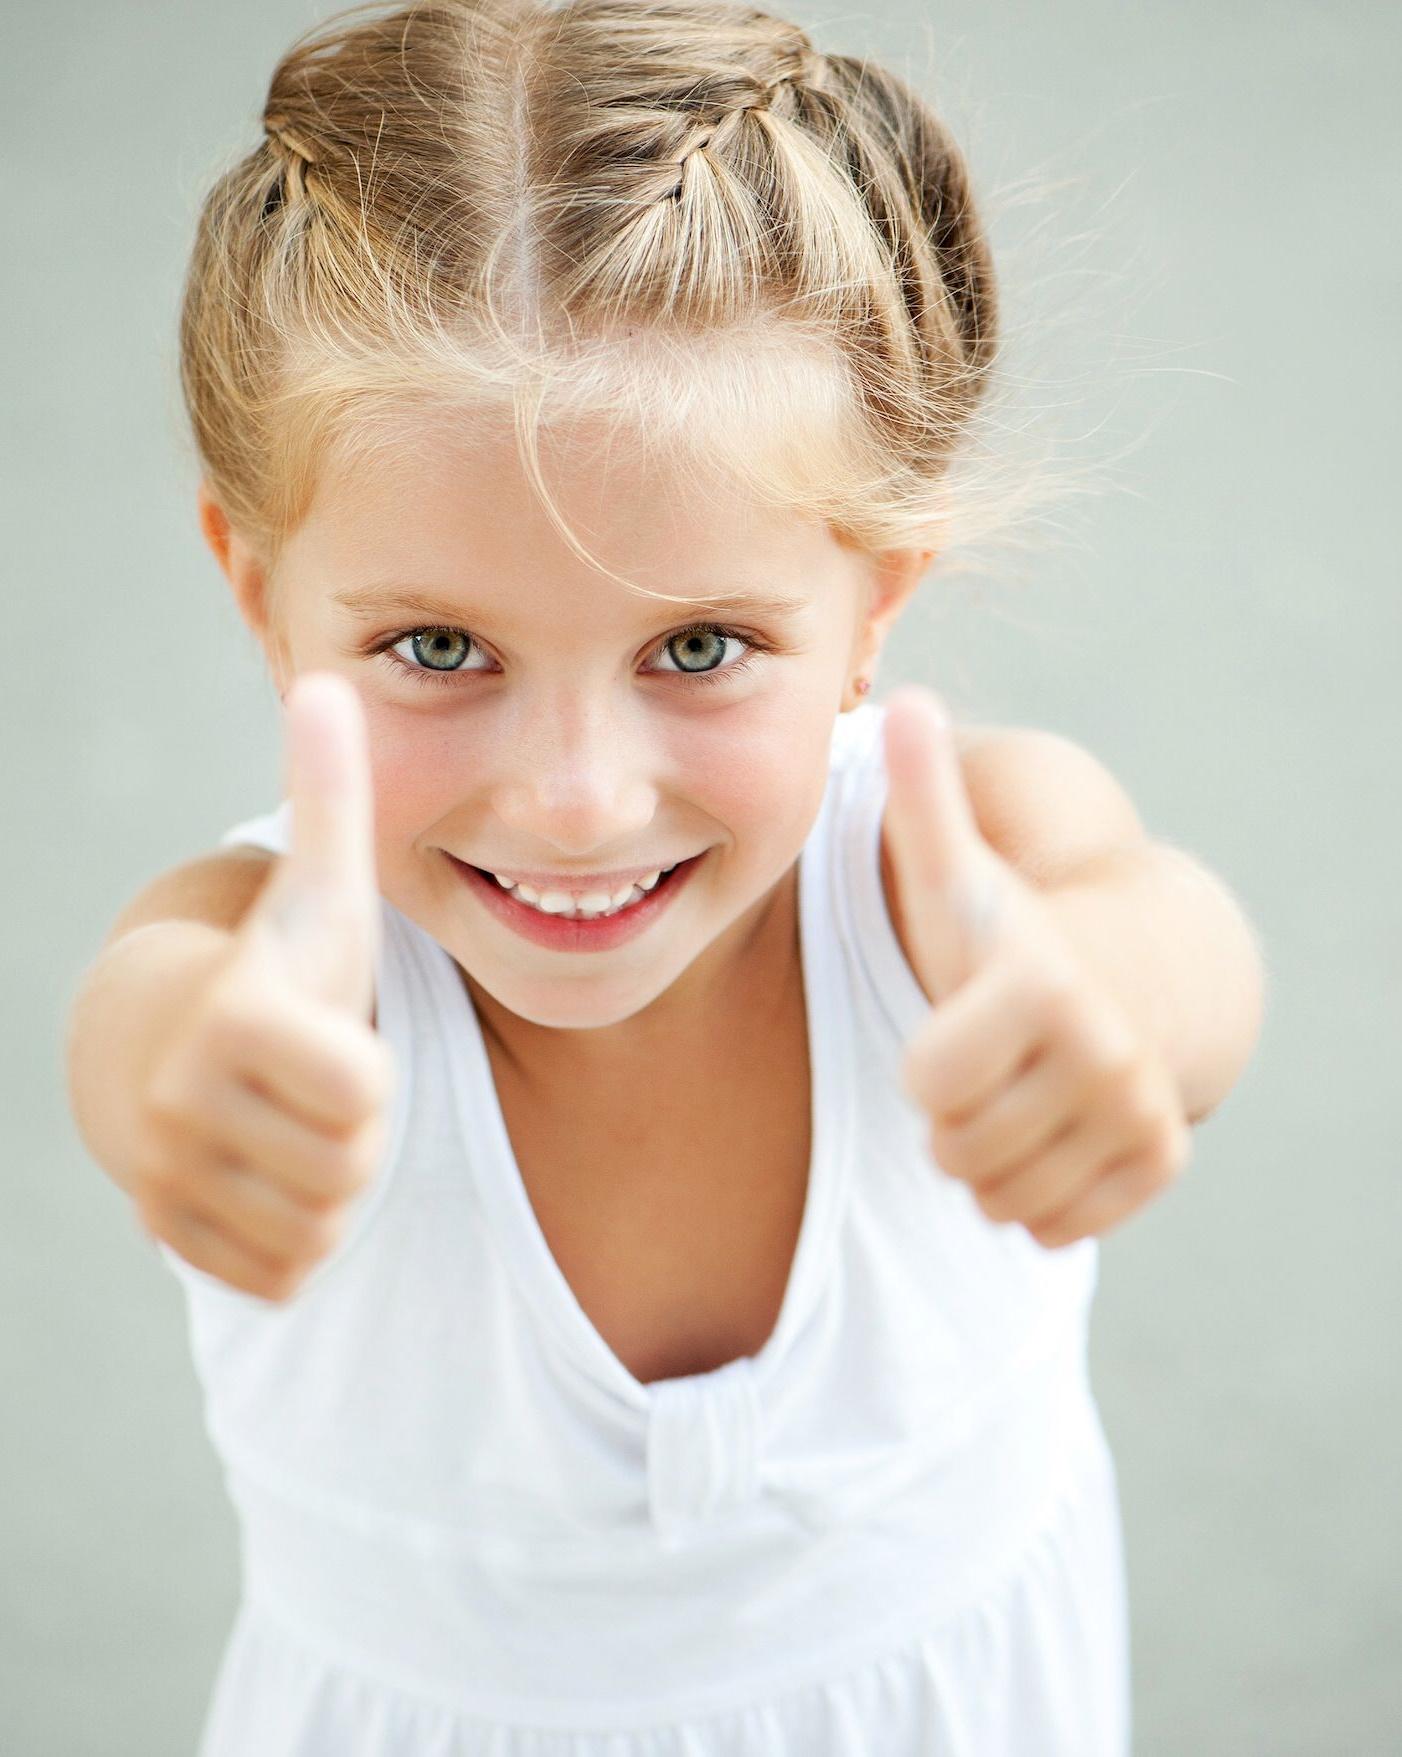 Imagen de una niña sonriendo